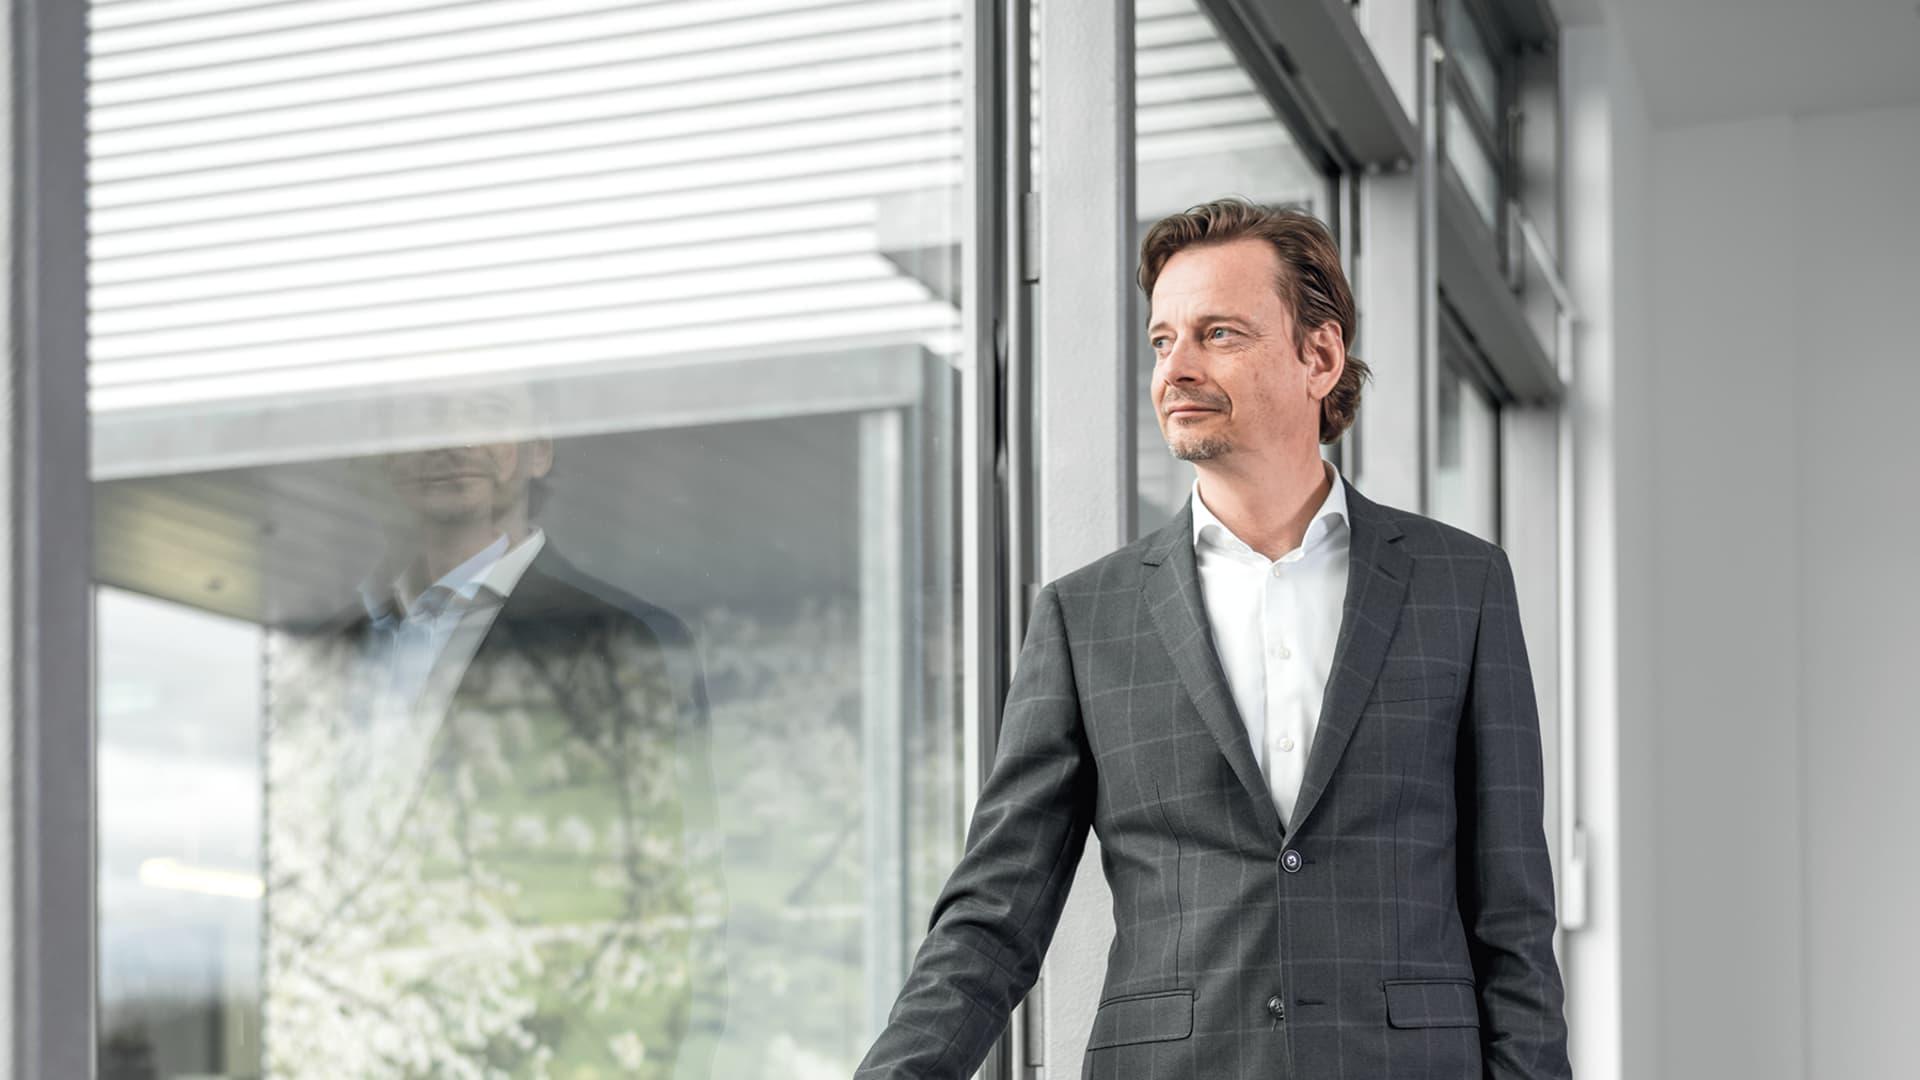 Andreas Ege, Geschäftsführender Gesellschafter bei Alexander Bürkle GmbH & Co. KG